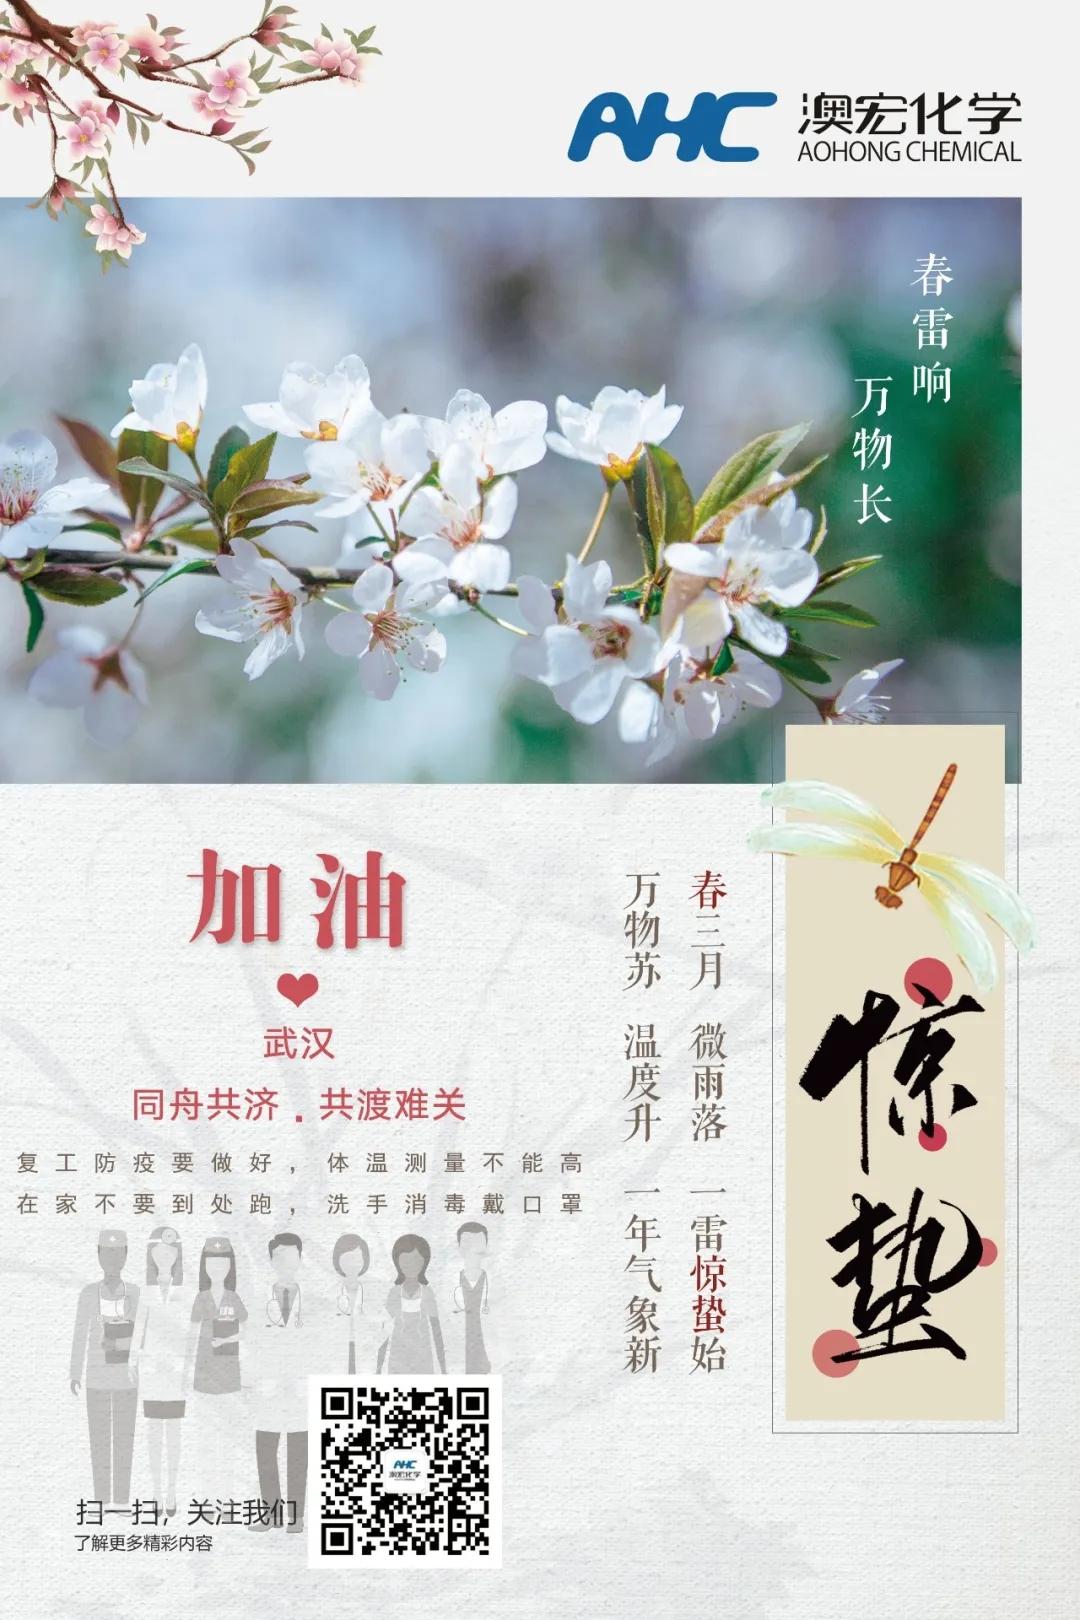 2020年3月5日 今日惊蛰,春暖花开万物苏,愿疫情早日散去,武汉加油!中国加油!